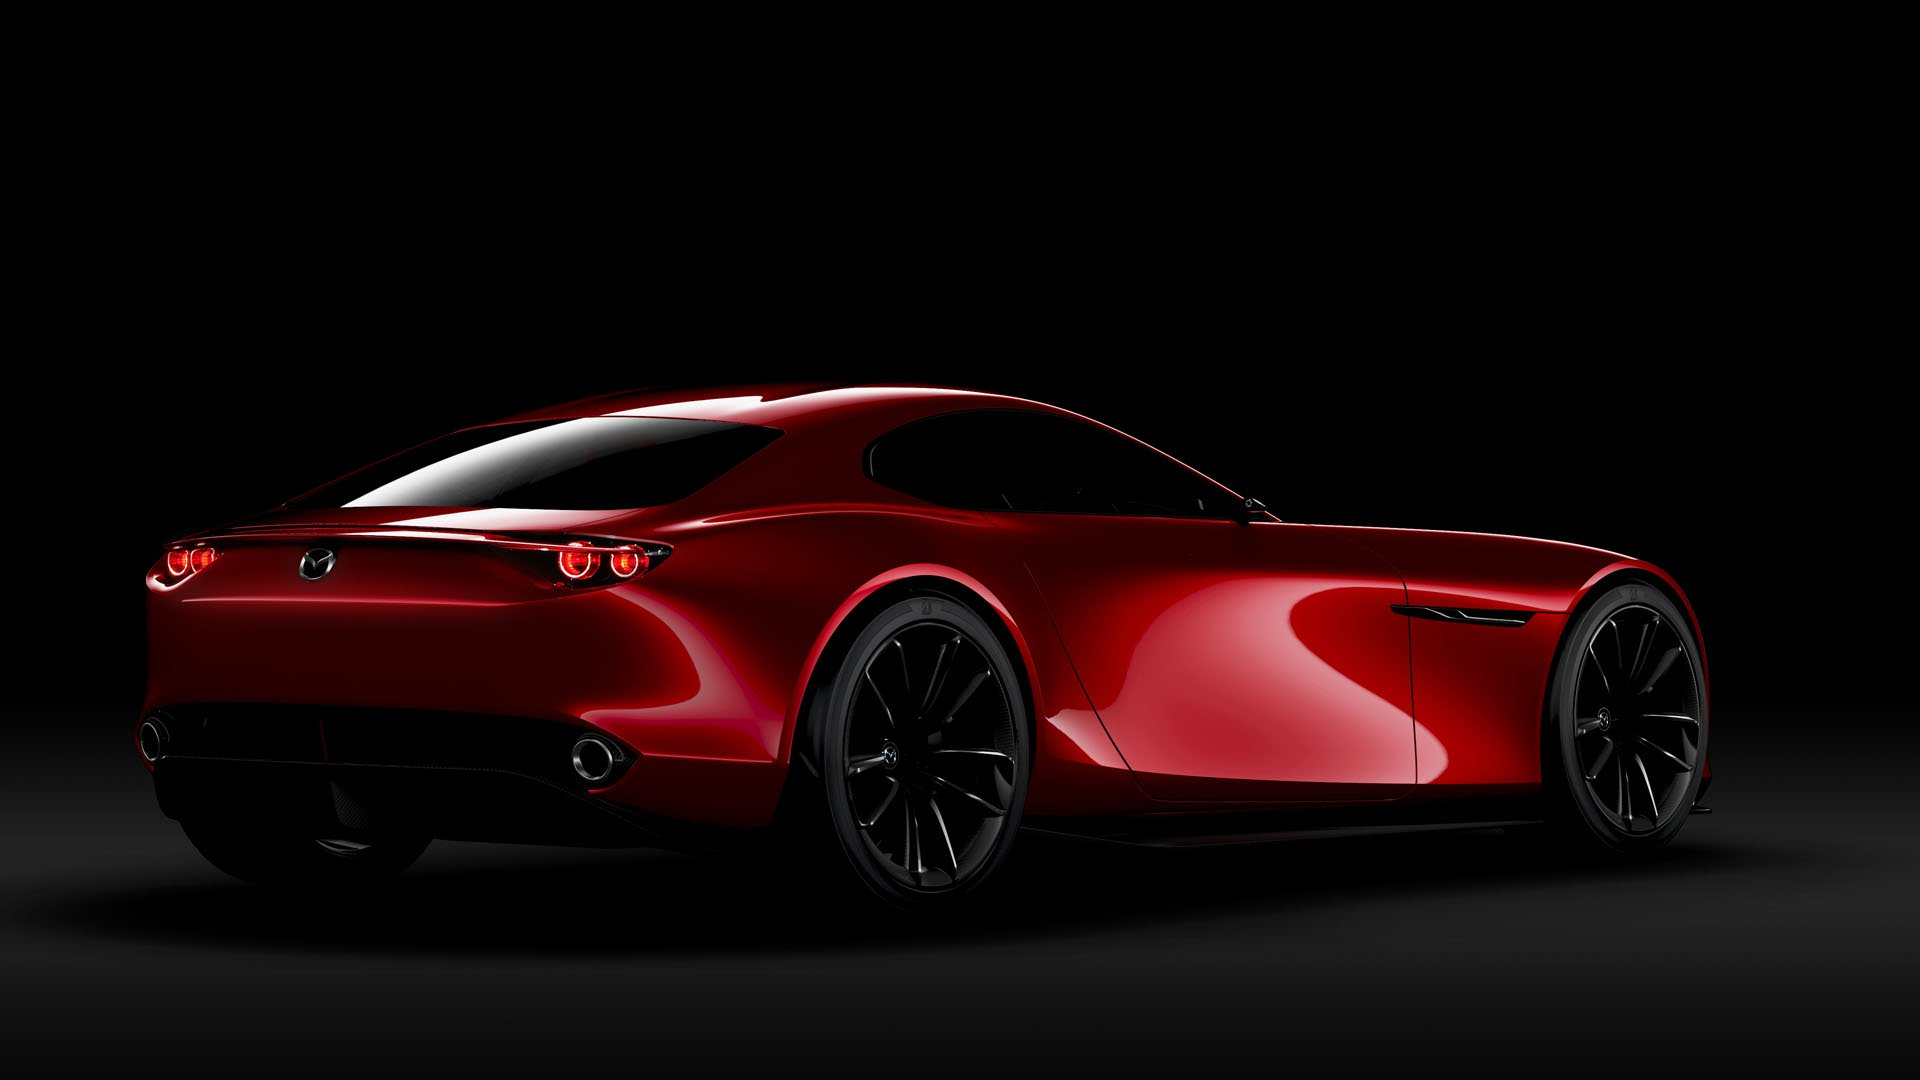 Giấc mơ siêu xe sử dụng động cơ quay của Mazda khó thành hiện thực